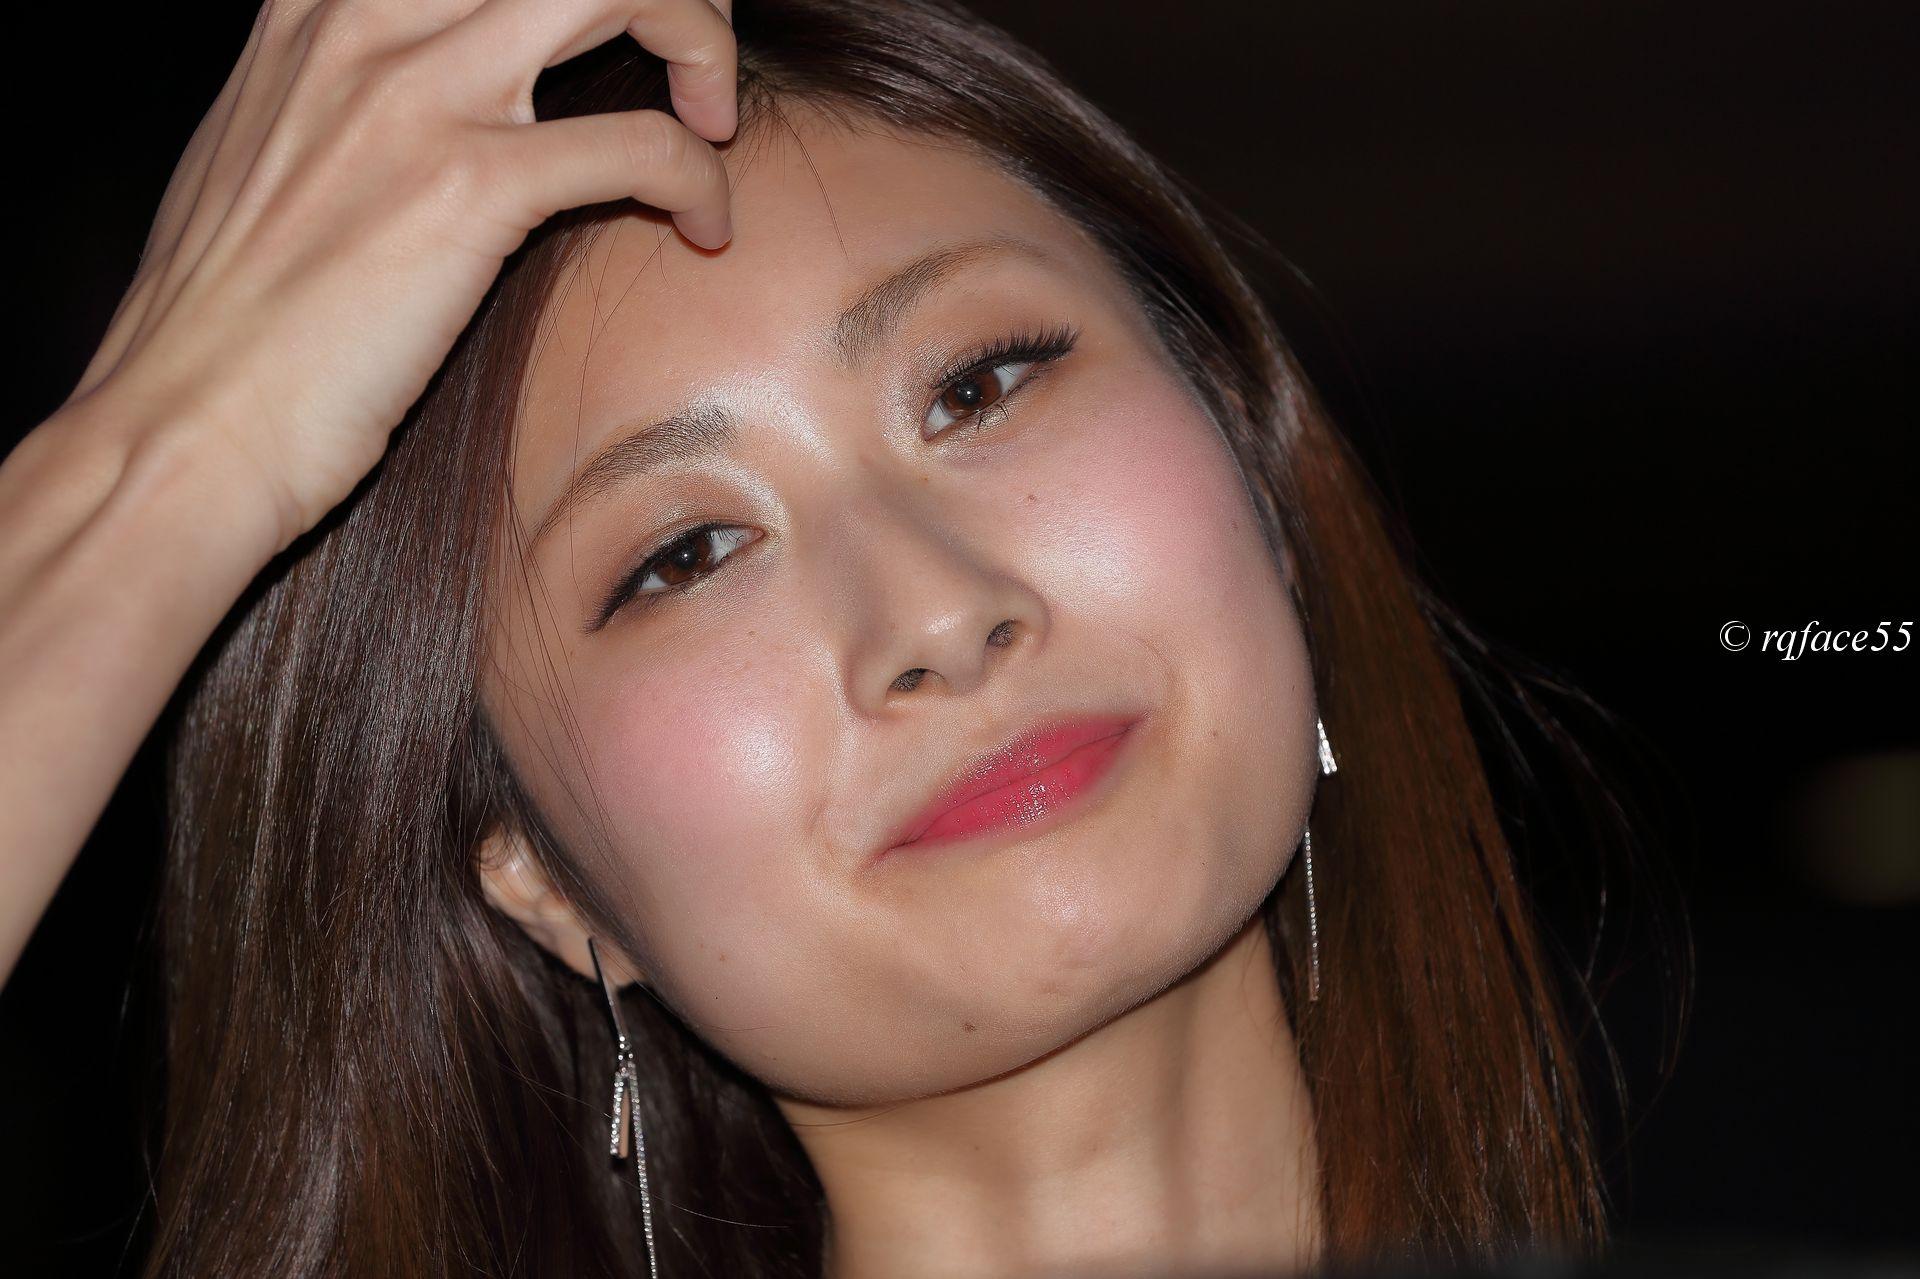 美女の鼻毛